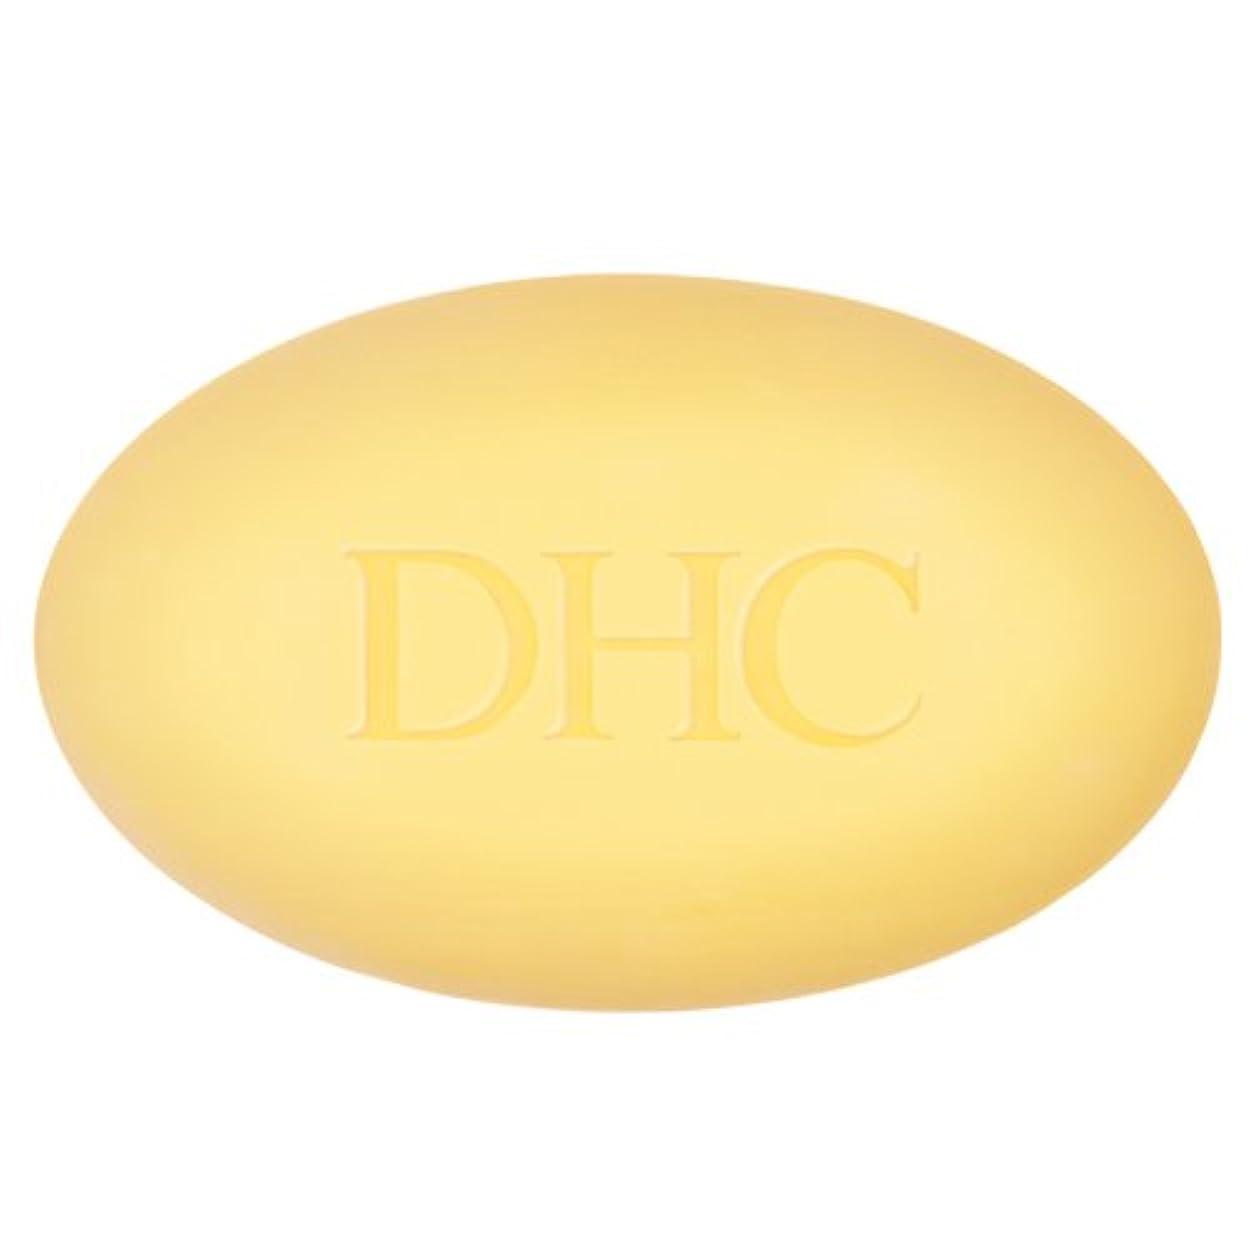 激怒密セーブDHC Q10ボディソープ